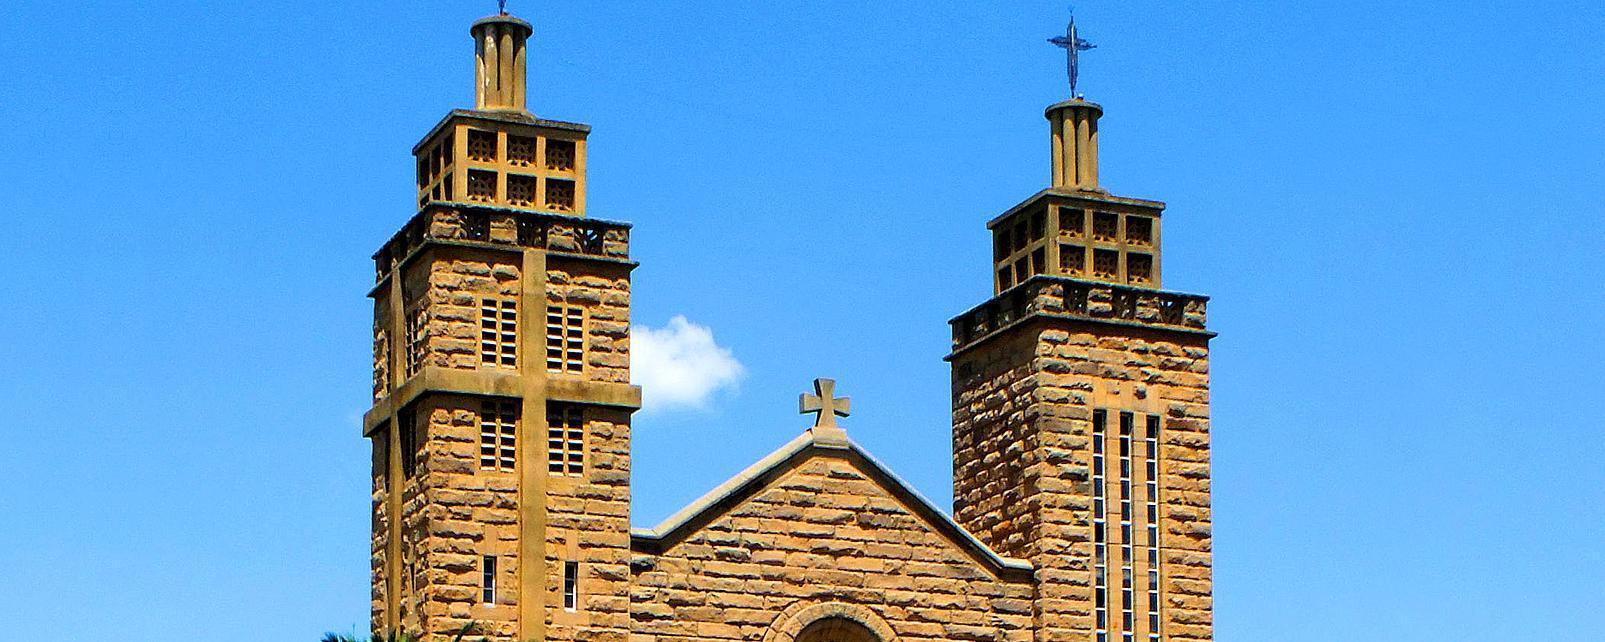 Afrique, Lesotho, Maseru, cathédrale, Notre Dame des Victoires de l'Archidiocèse, catholique, arbre,